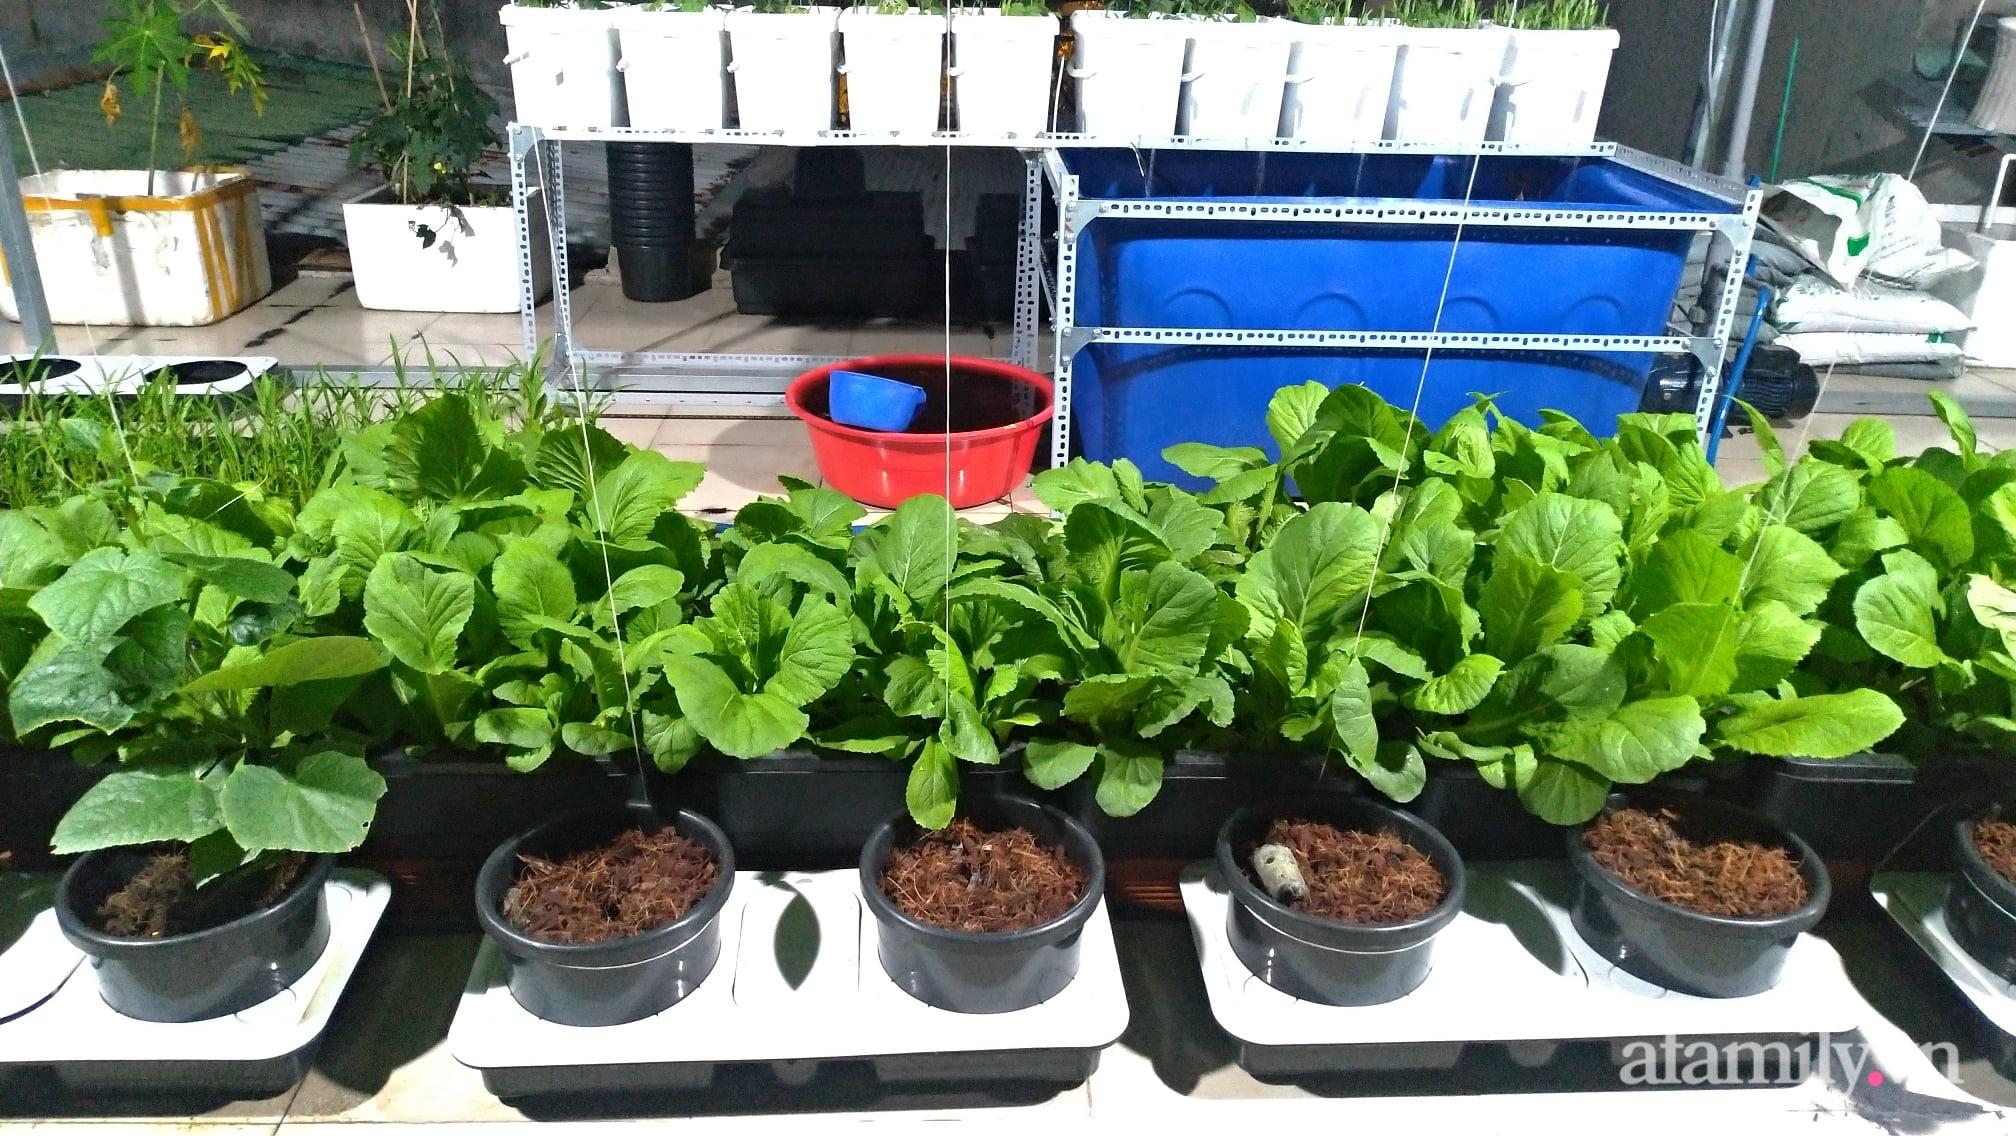 Sân thượng 100m² trồng rau nuôi cá với tổng chi phí đầu tư 80 triệu đồng ở quận 12 Sài Gòn - Ảnh 2.